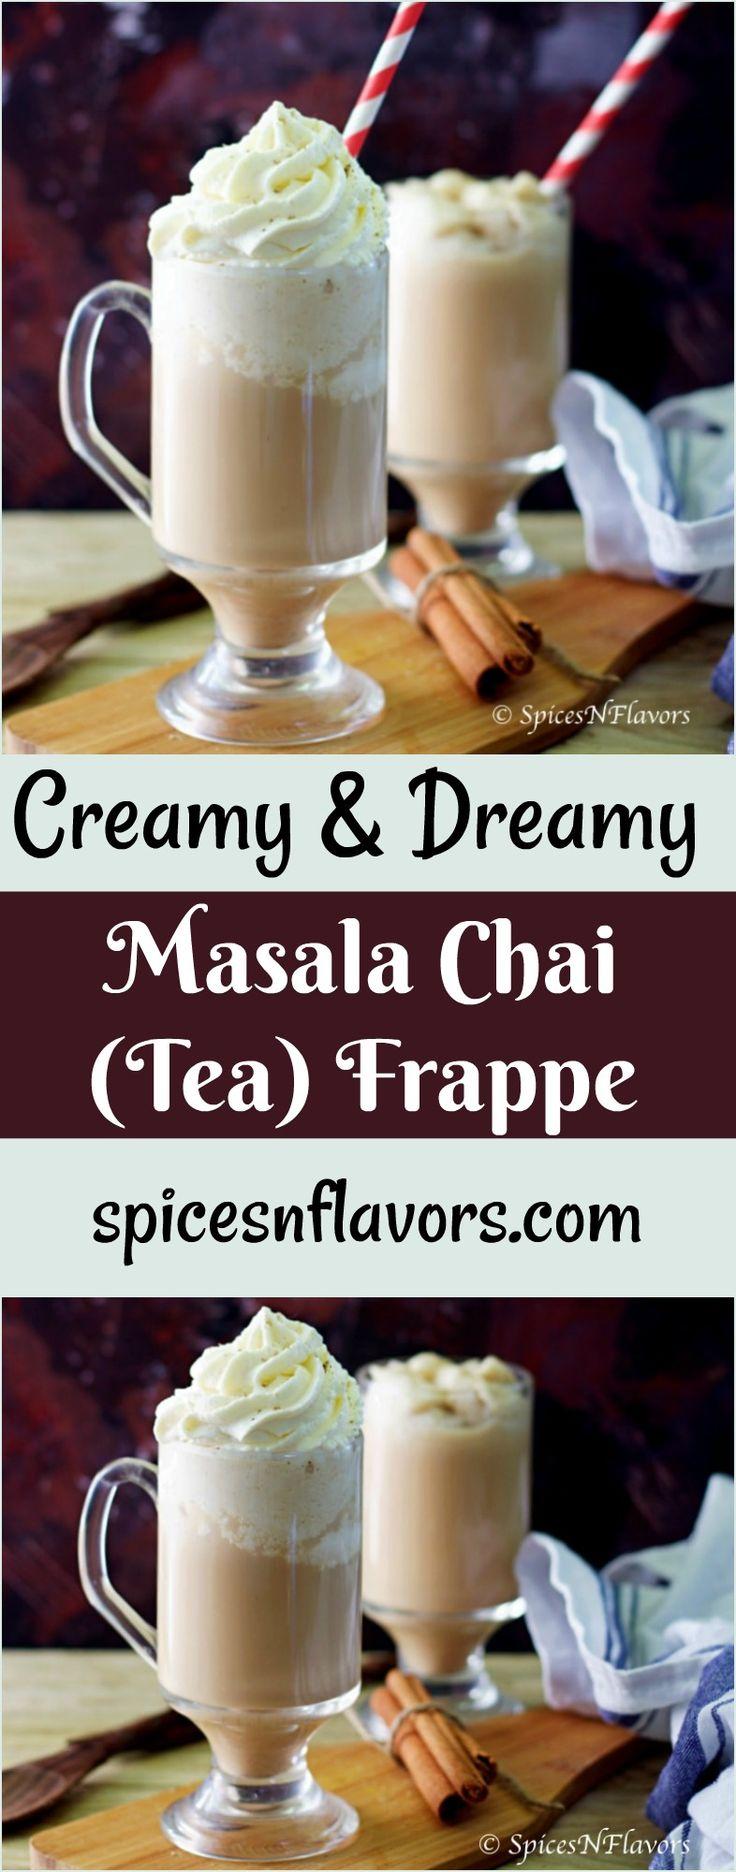 masala chai frappe masala chai frappuccino chai frappe chai frappuccino spiced tea frappe spiced tea frapuccino tea frappe starbucks style tea latte starbucks style spiced tea frappe frappuccino